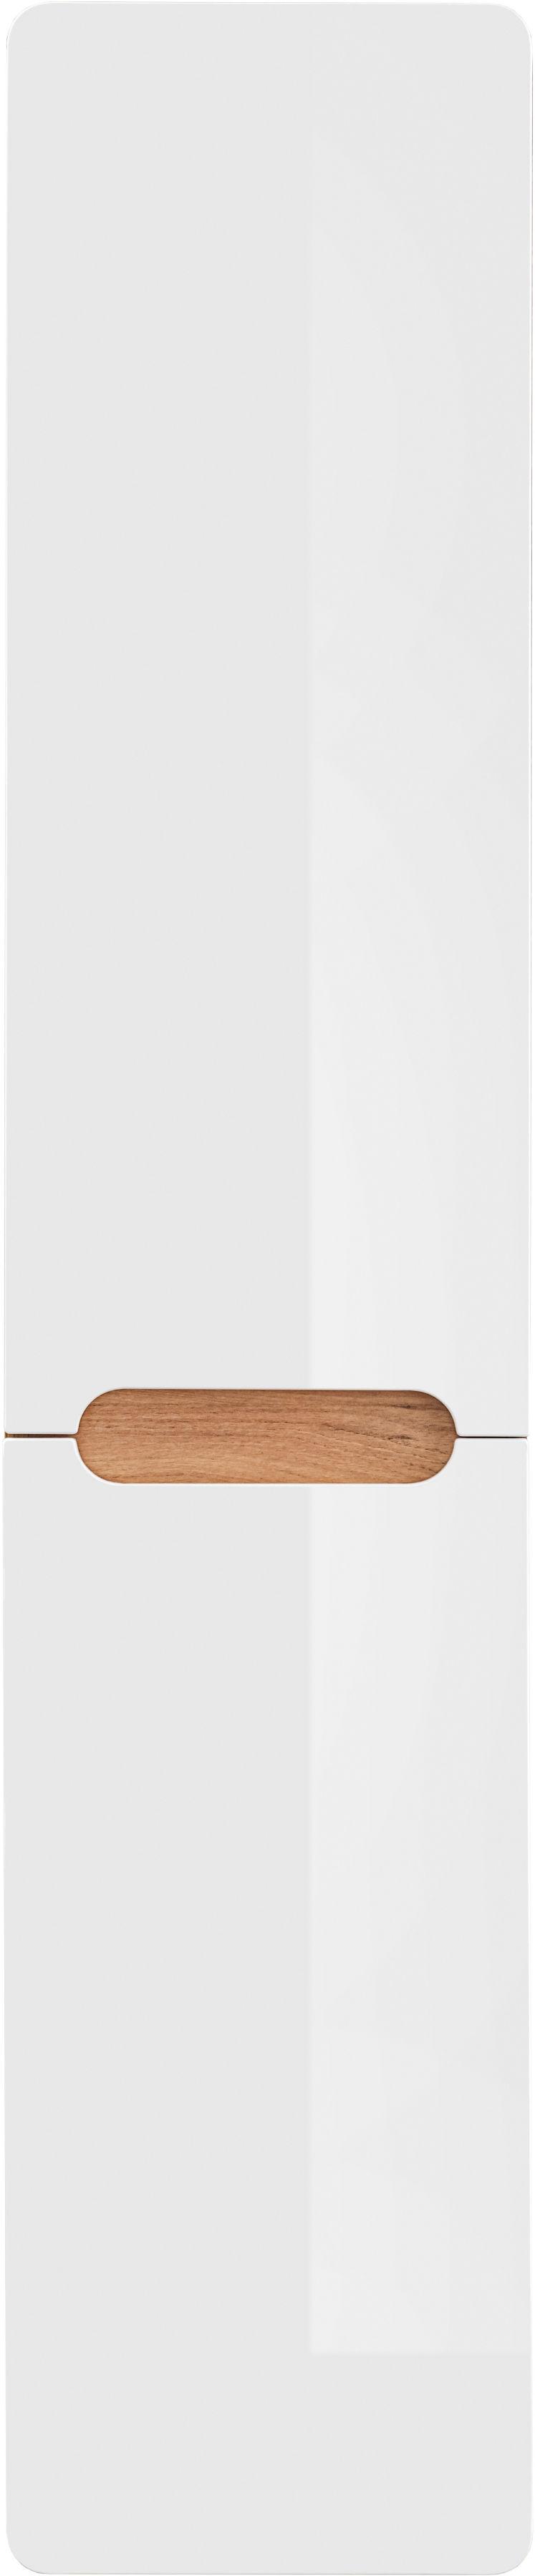 Comad ARUBA WHITE 804 Słupek łazienkowy 170x35 z koszem Dąb Craft złoty / Biały Połysk